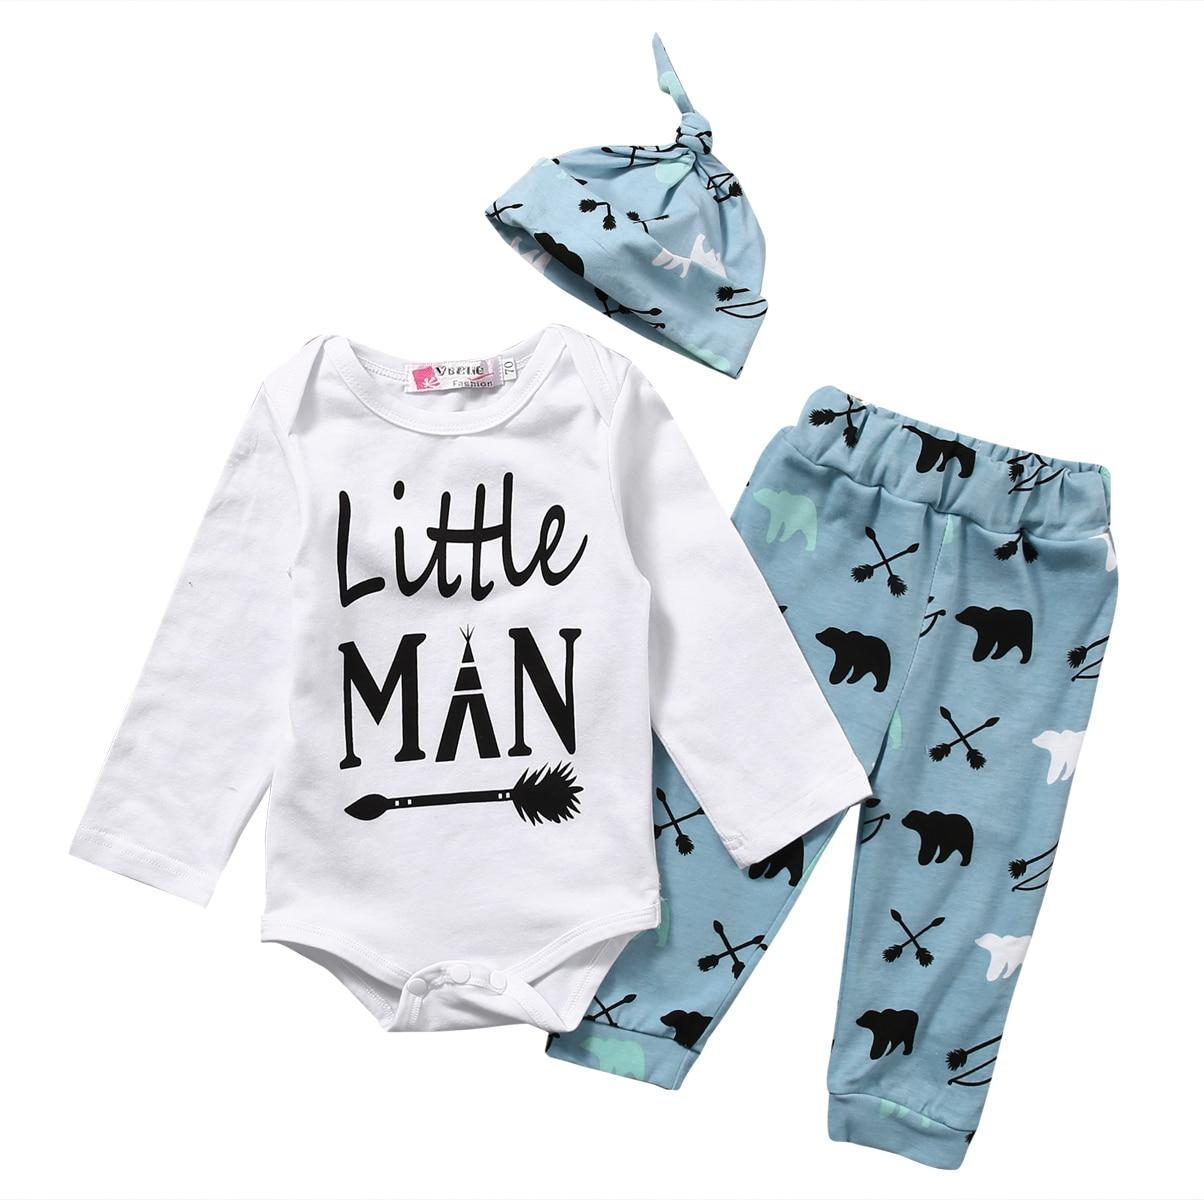 Младенческой новорожденных для маленьких мальчиков Симпатичные удобные Повседневное комбинезон, костюм праздник ползунки боди костюм со ...